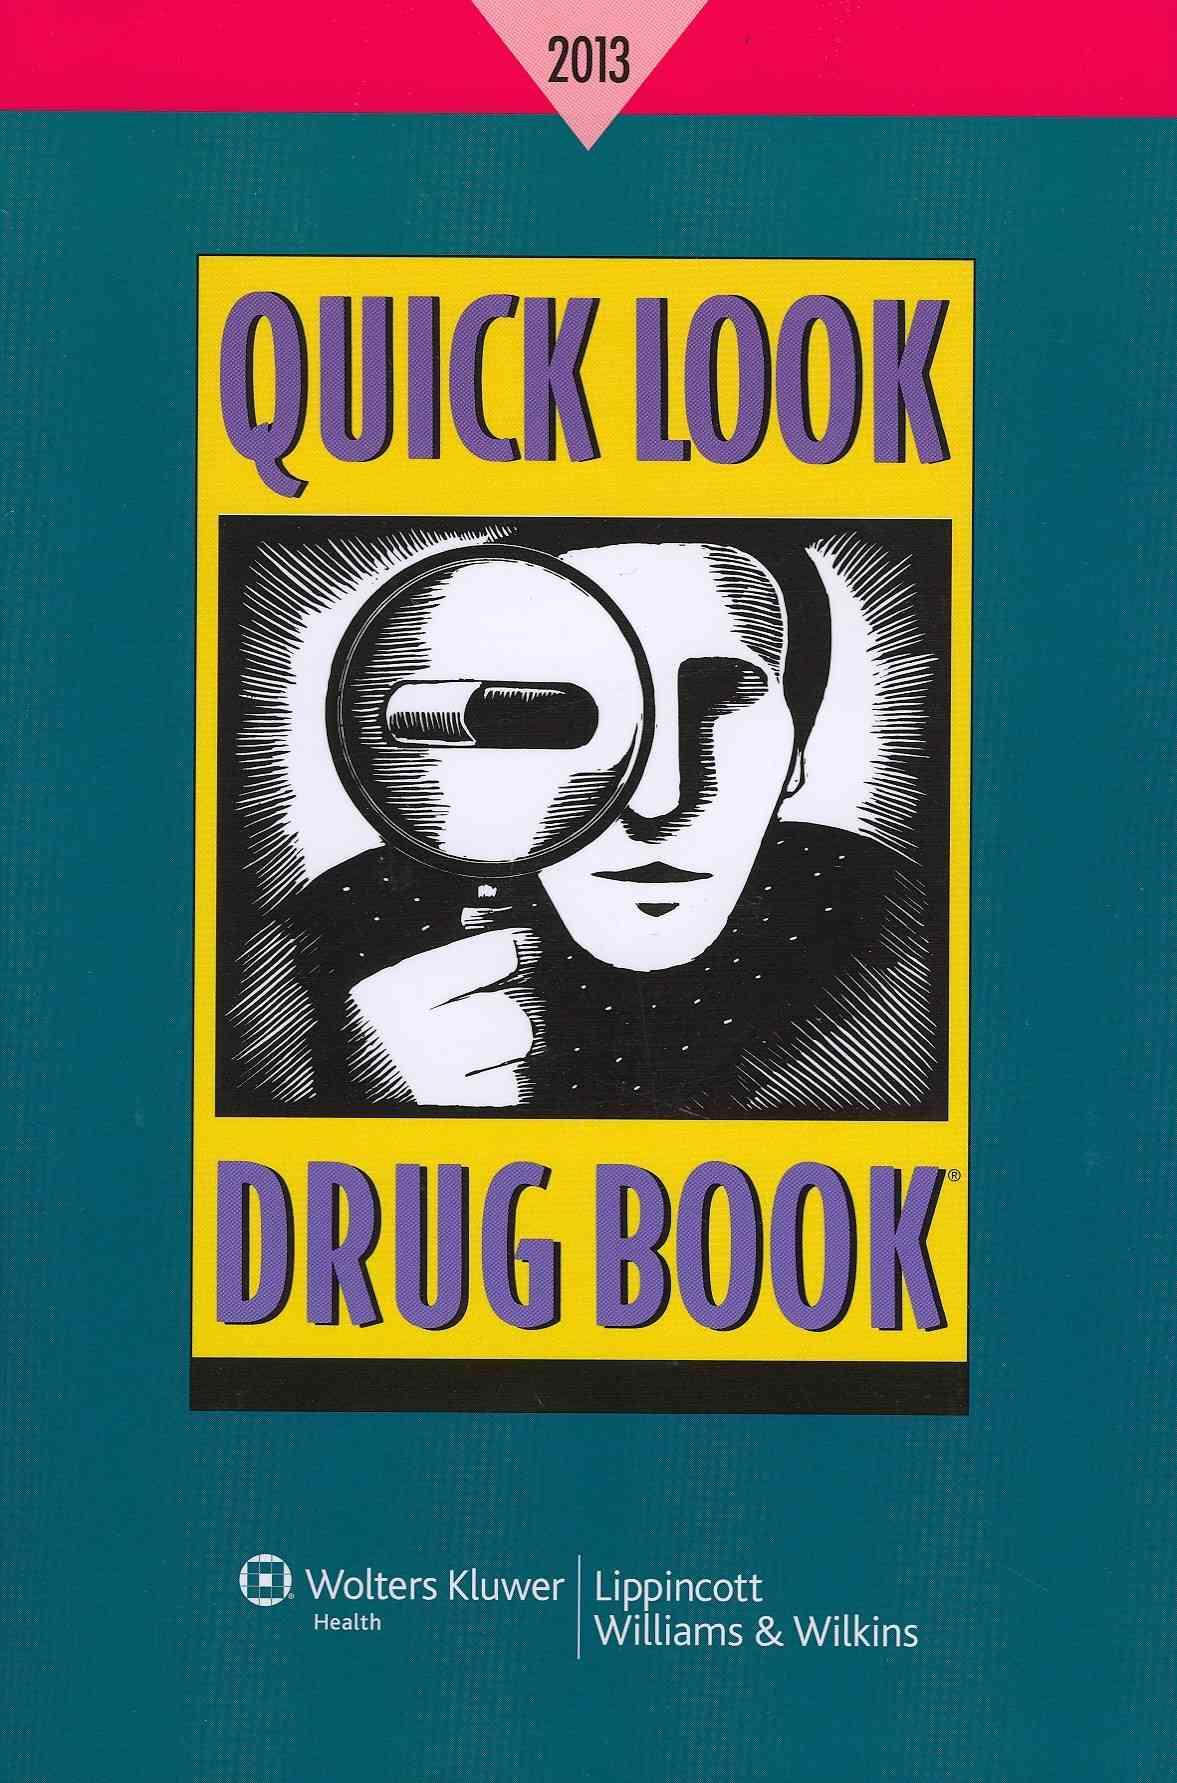 Quick Look Drug Book, 2013